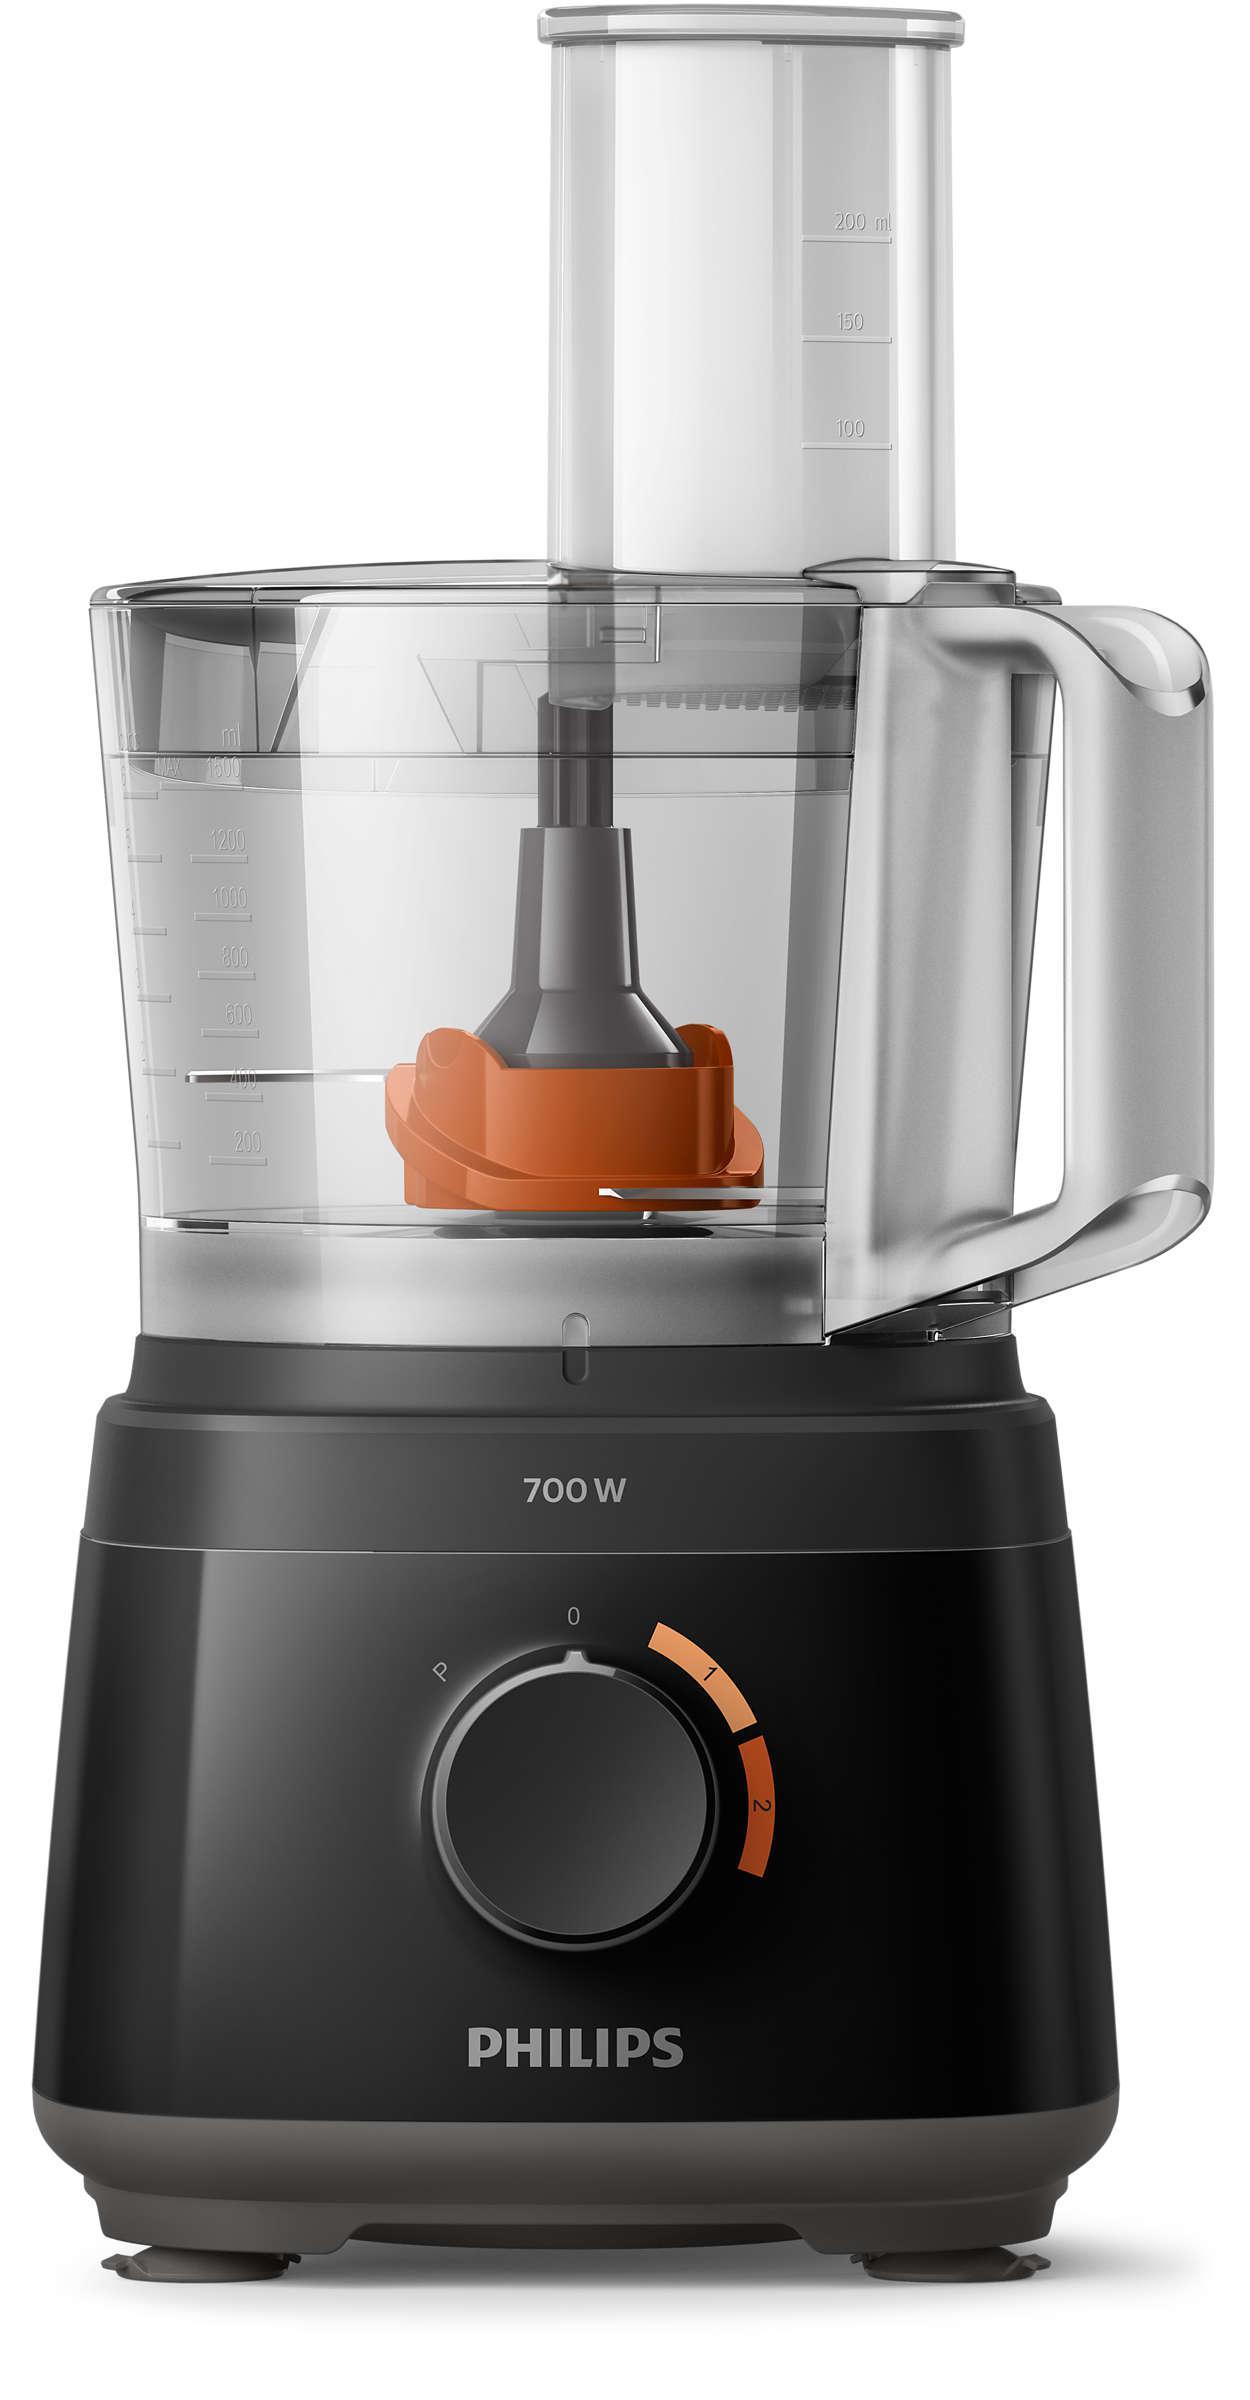 Кухонный комбайн Philips HR7320/10, 700 Вт